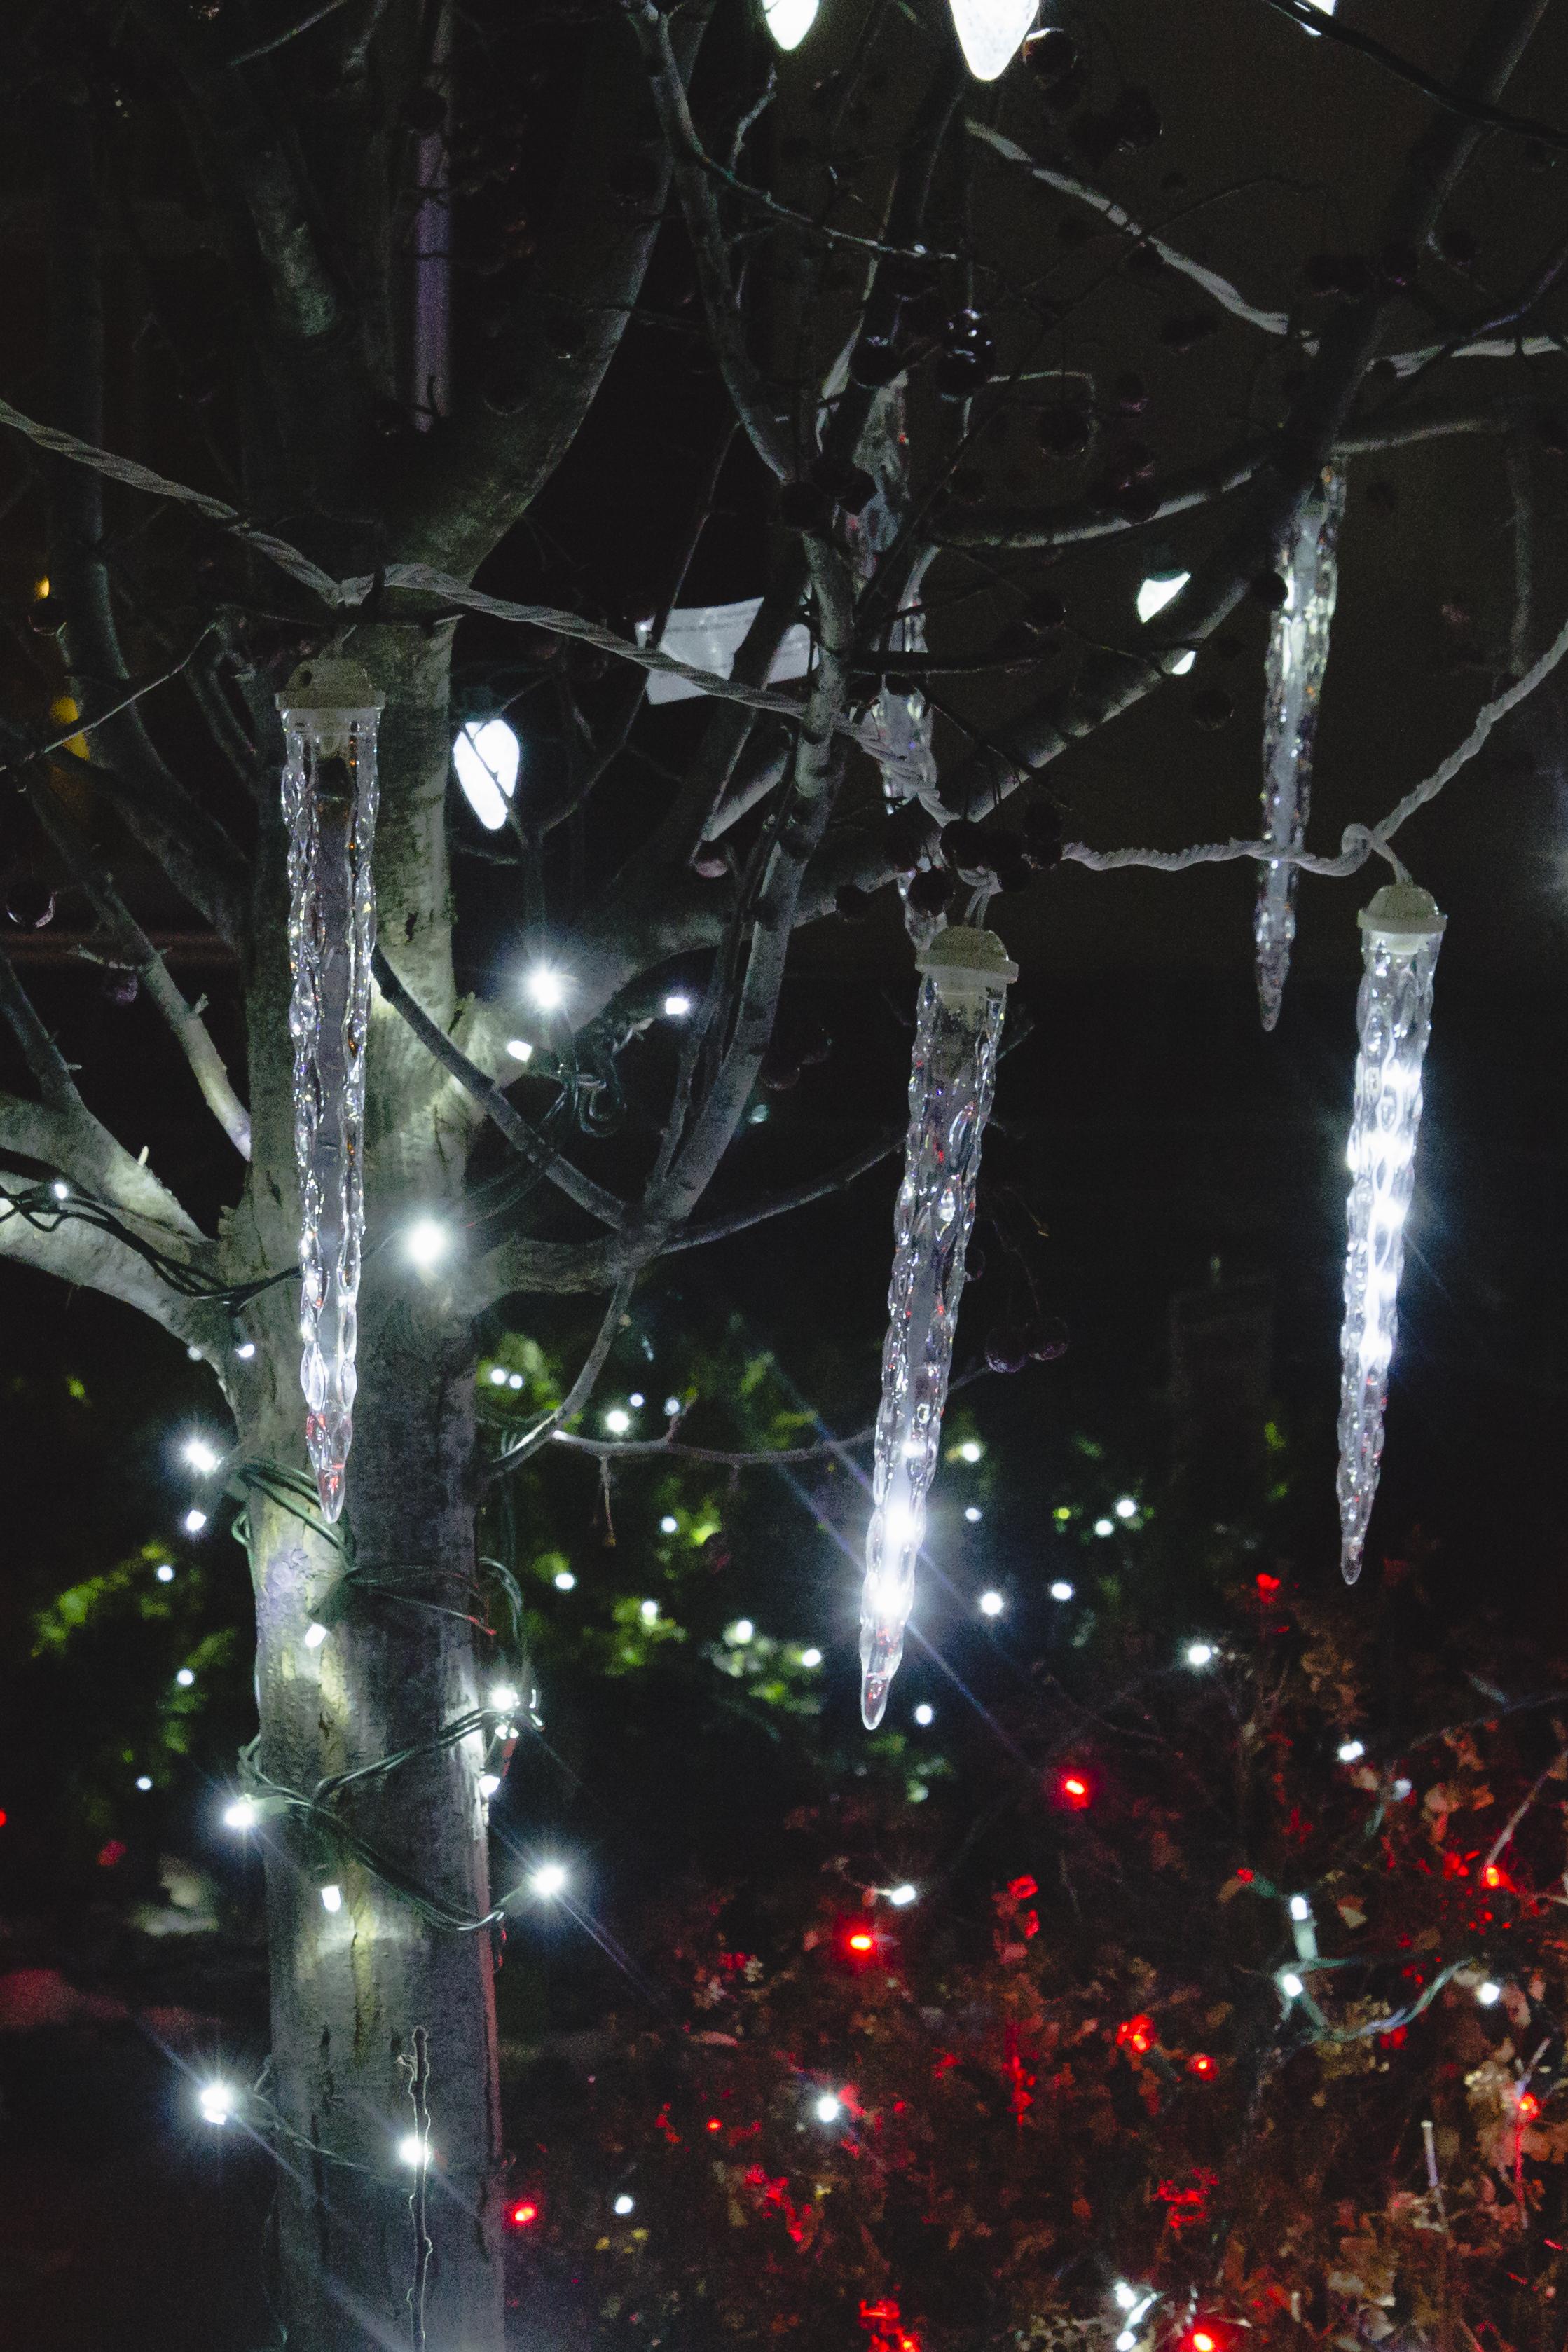 xmaslights-147.jpg